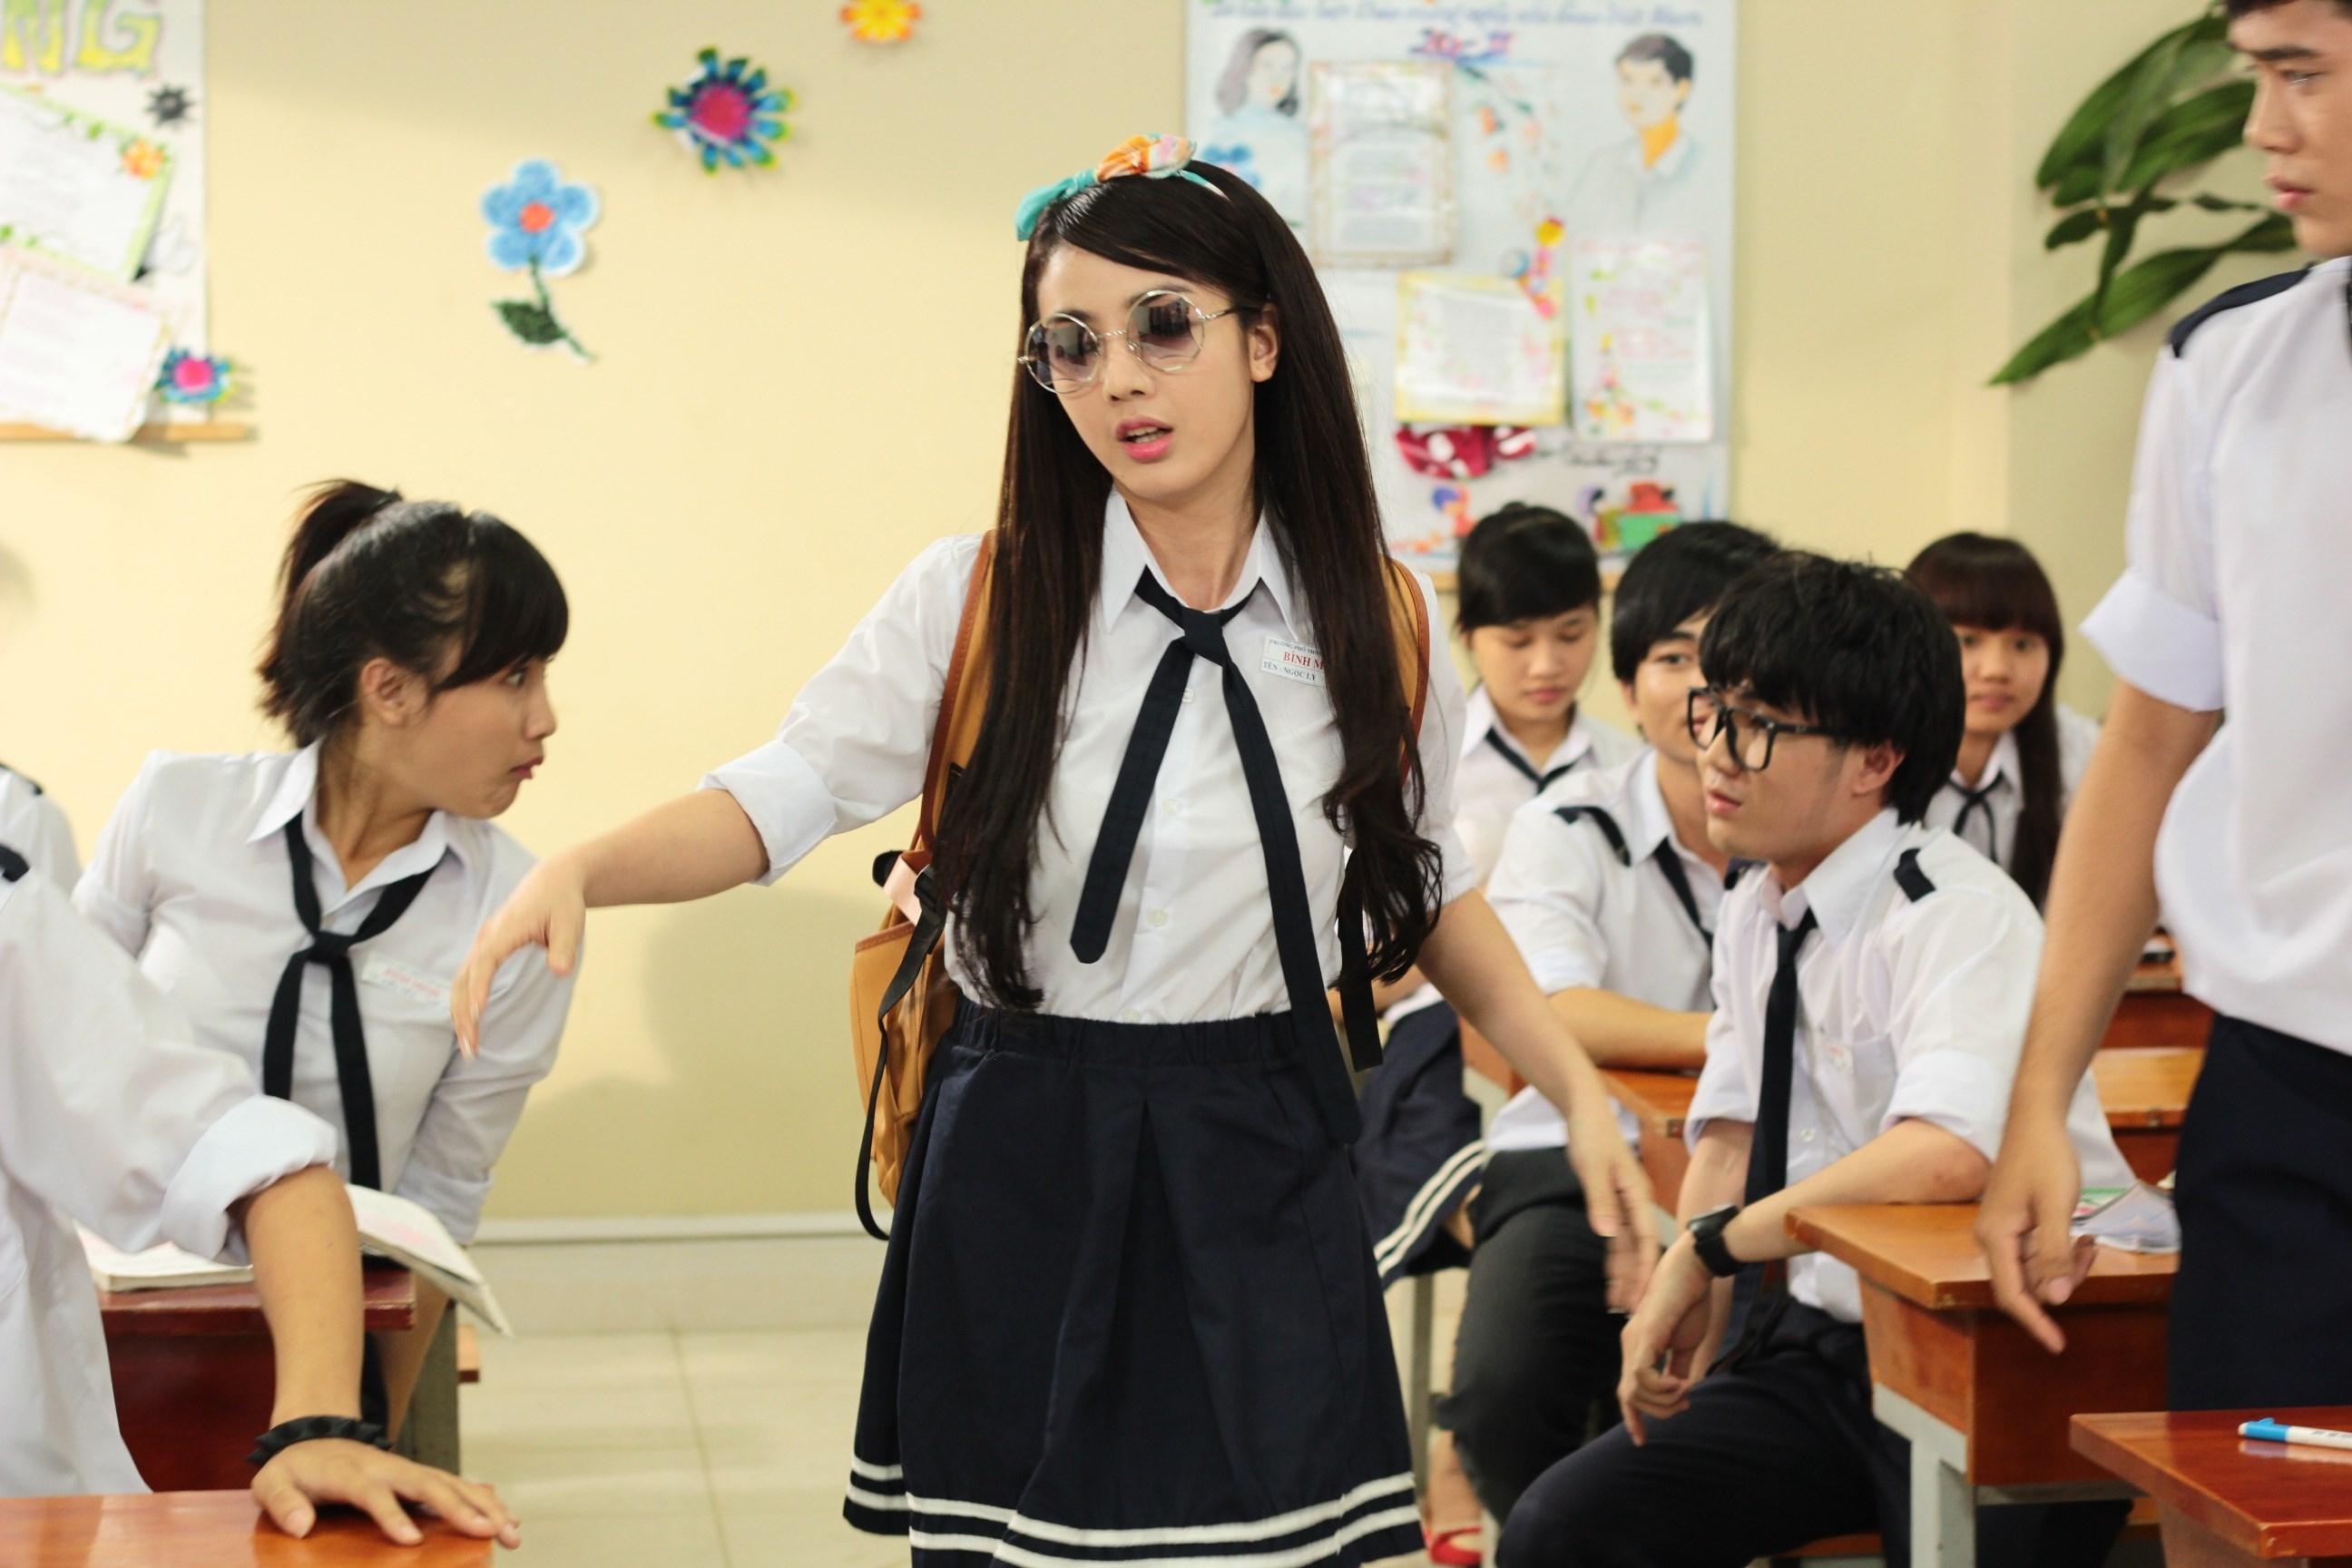 [14 ngày đấu trí] Khi hotgirl đầu bù tóc rối học bài